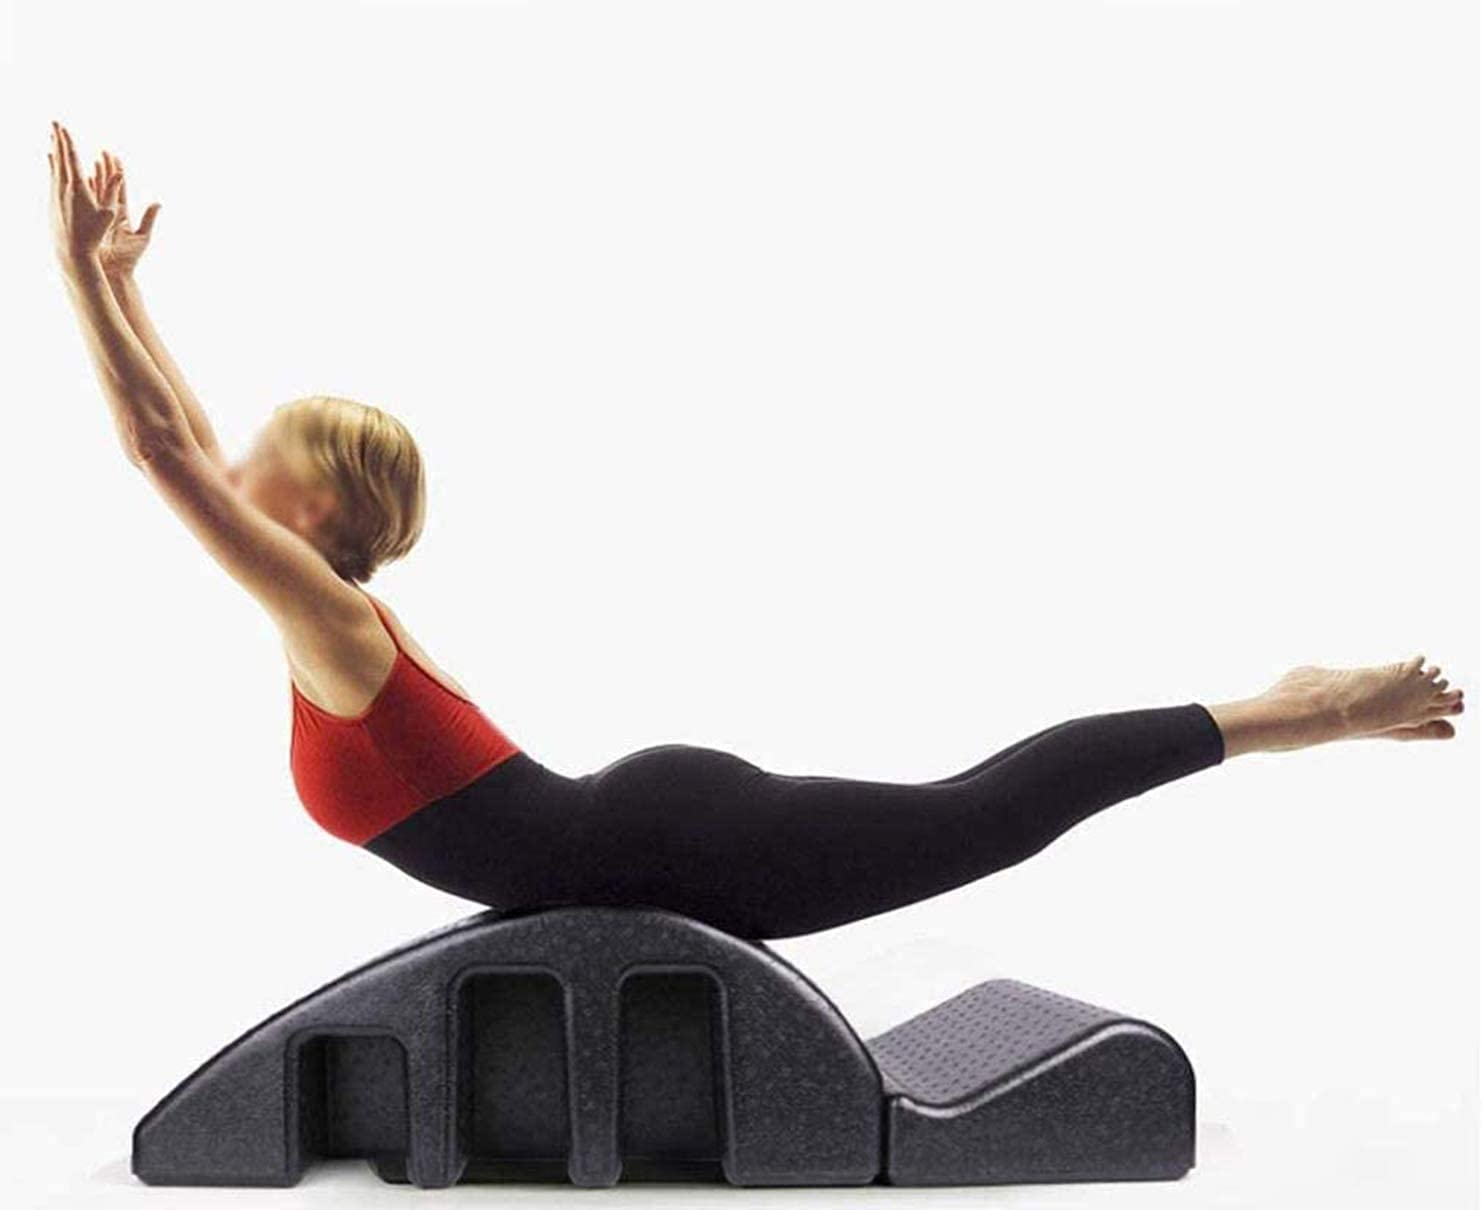 Barril Corrector De Columna De Espuma De Arco De Pilates, Camilla De Masaje Para Yoga, Máquina De Corrección De Cifosis, Reformador De Pilates, Ajuste Científico De La Curva De La Columna Vertebral